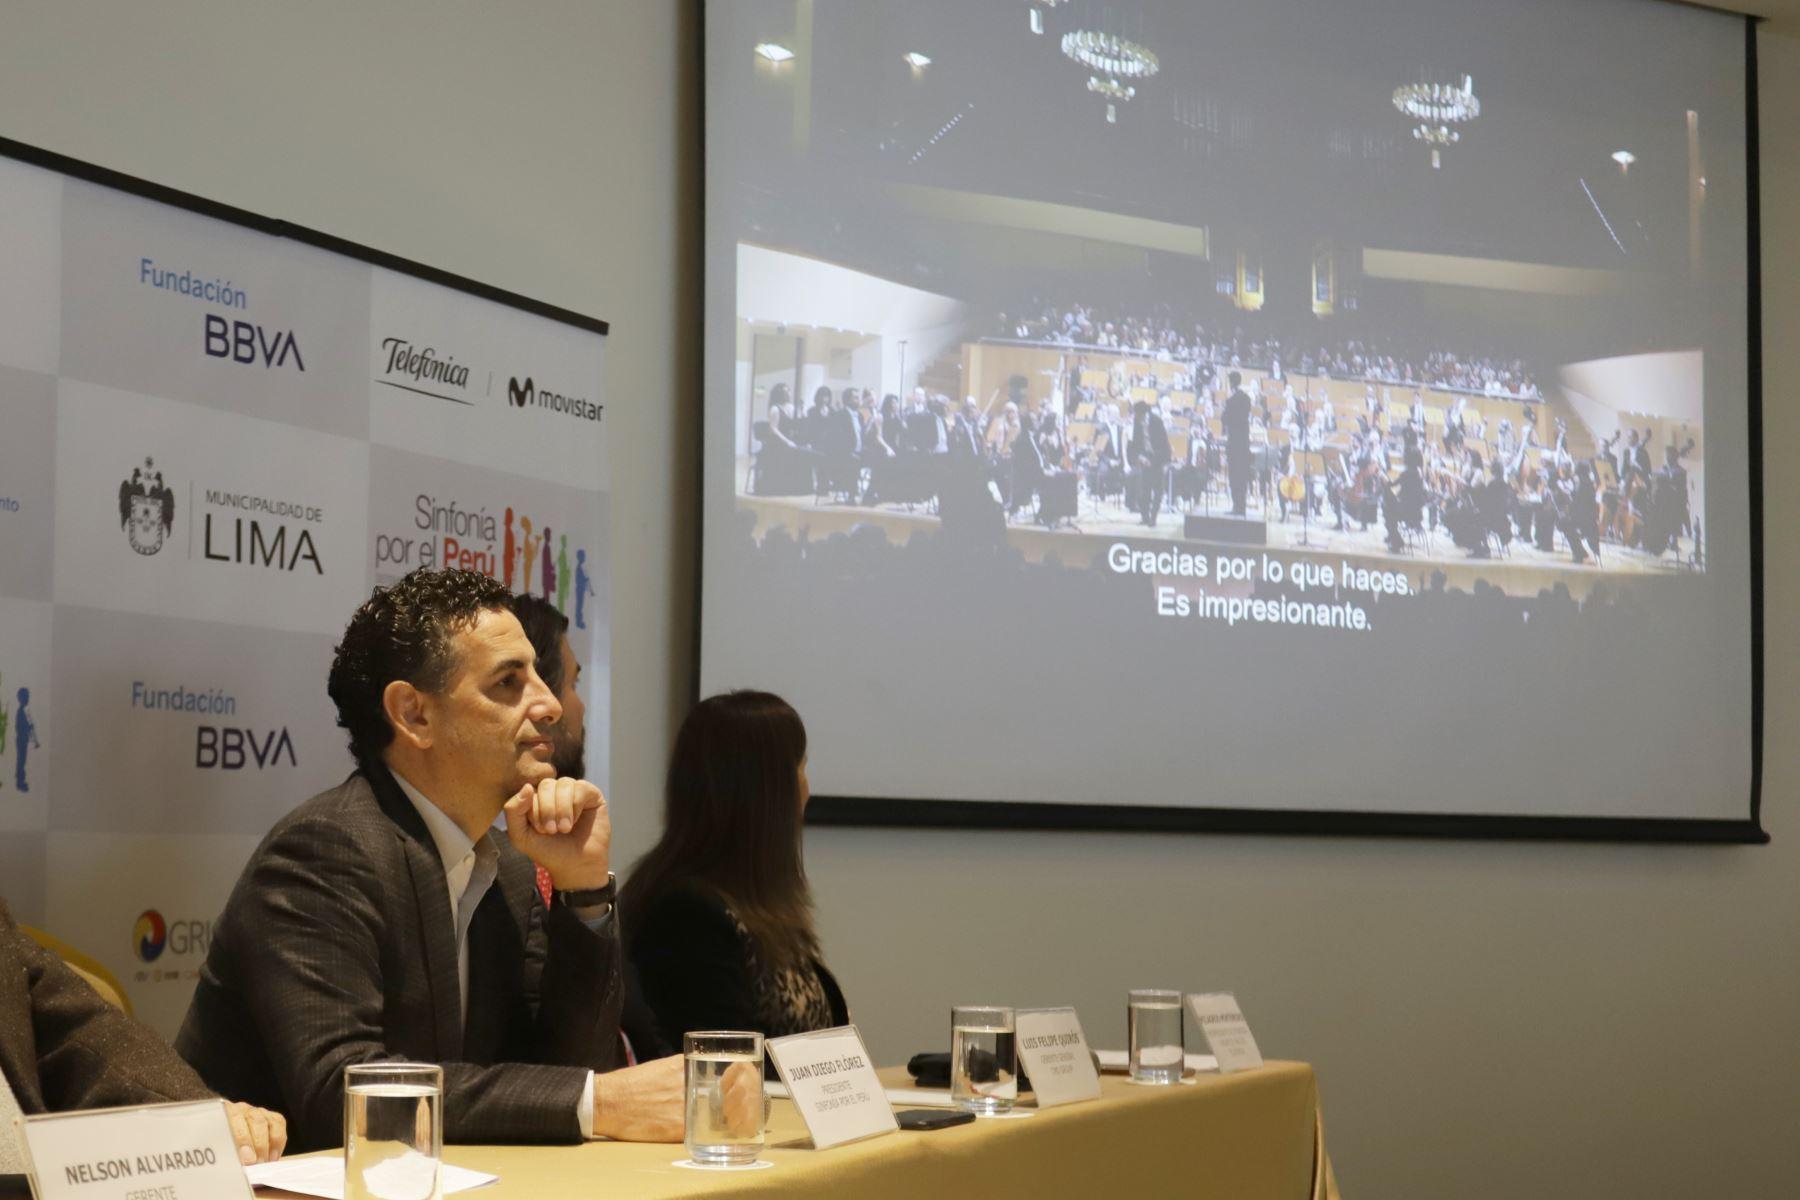 El tenor peruano Juan Diego Flórez y Sinfonía por el Perú anunciaron una Serenata al Perú, en en el marco de la fiestas patrias. Foto: ANDINA/Jorge Tello